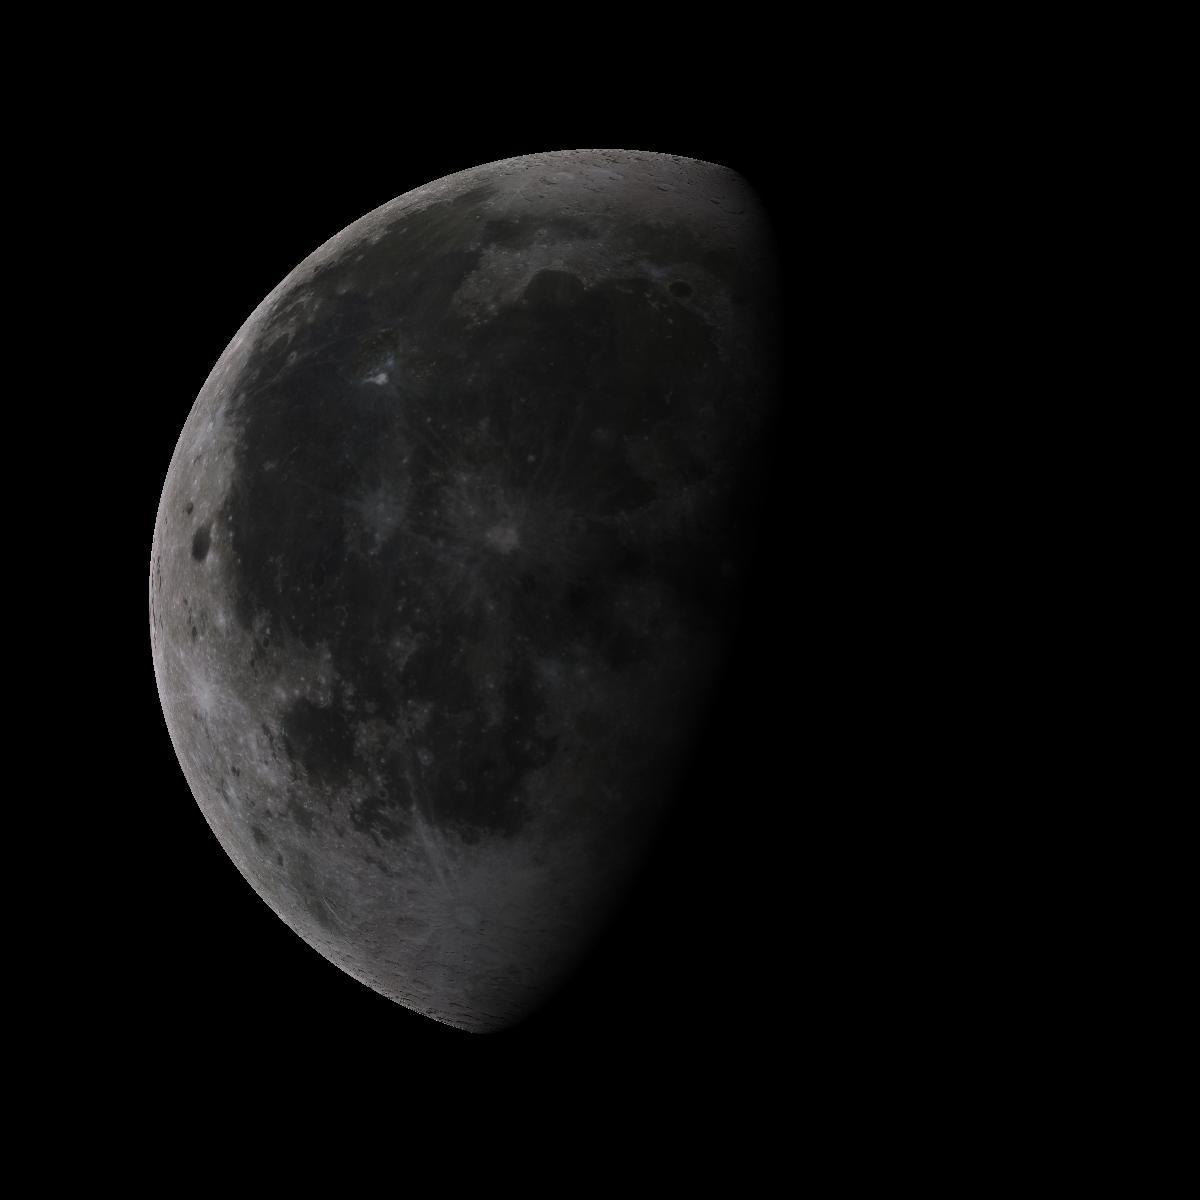 Lune du 22 aout 2019